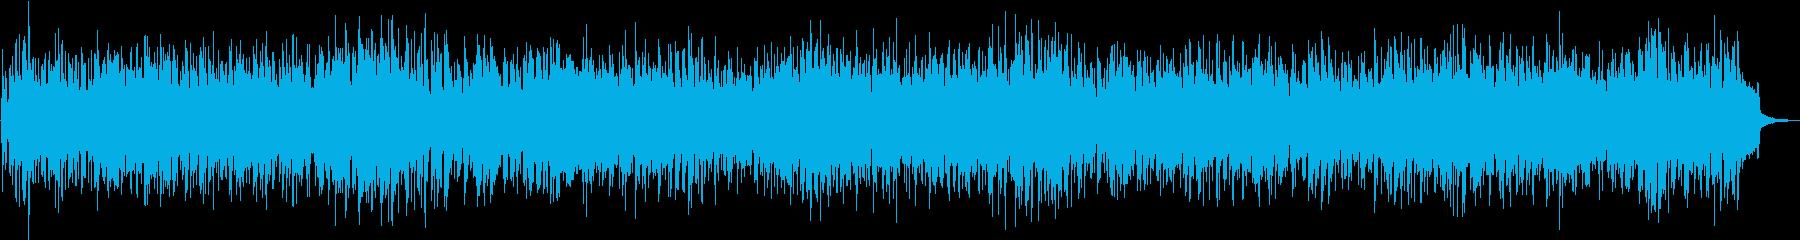 カントリーバイオリン明るいレトロジャズの再生済みの波形